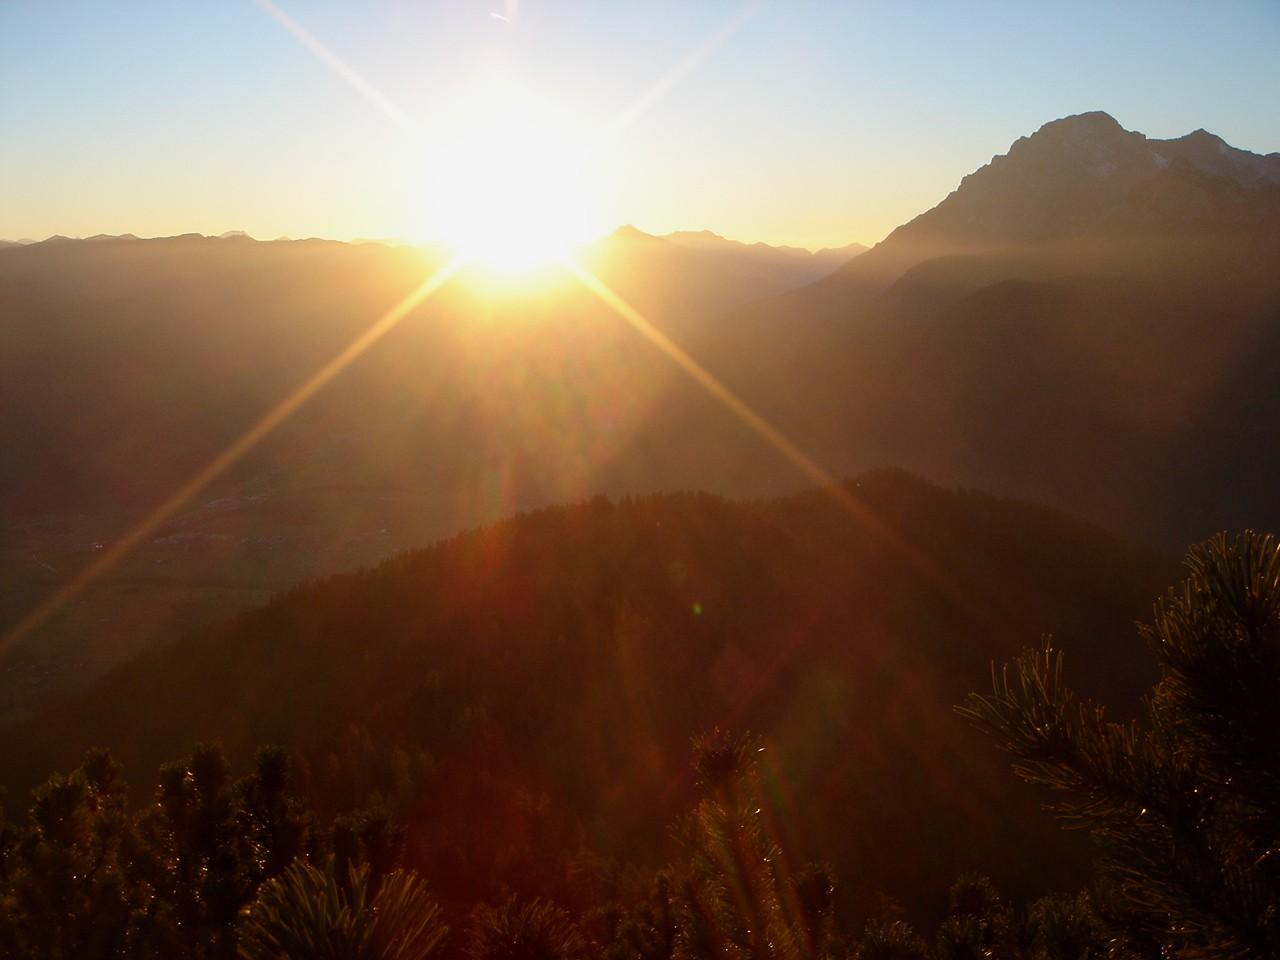 Foto: Manfred Karl / Klettersteig Tour / Über den Wildental Klettersteig auf das Persailhorn / Sonnenuntergang beim Abstieg von der Wiechenthaler Hütte / 11.10.2008 21:28:59